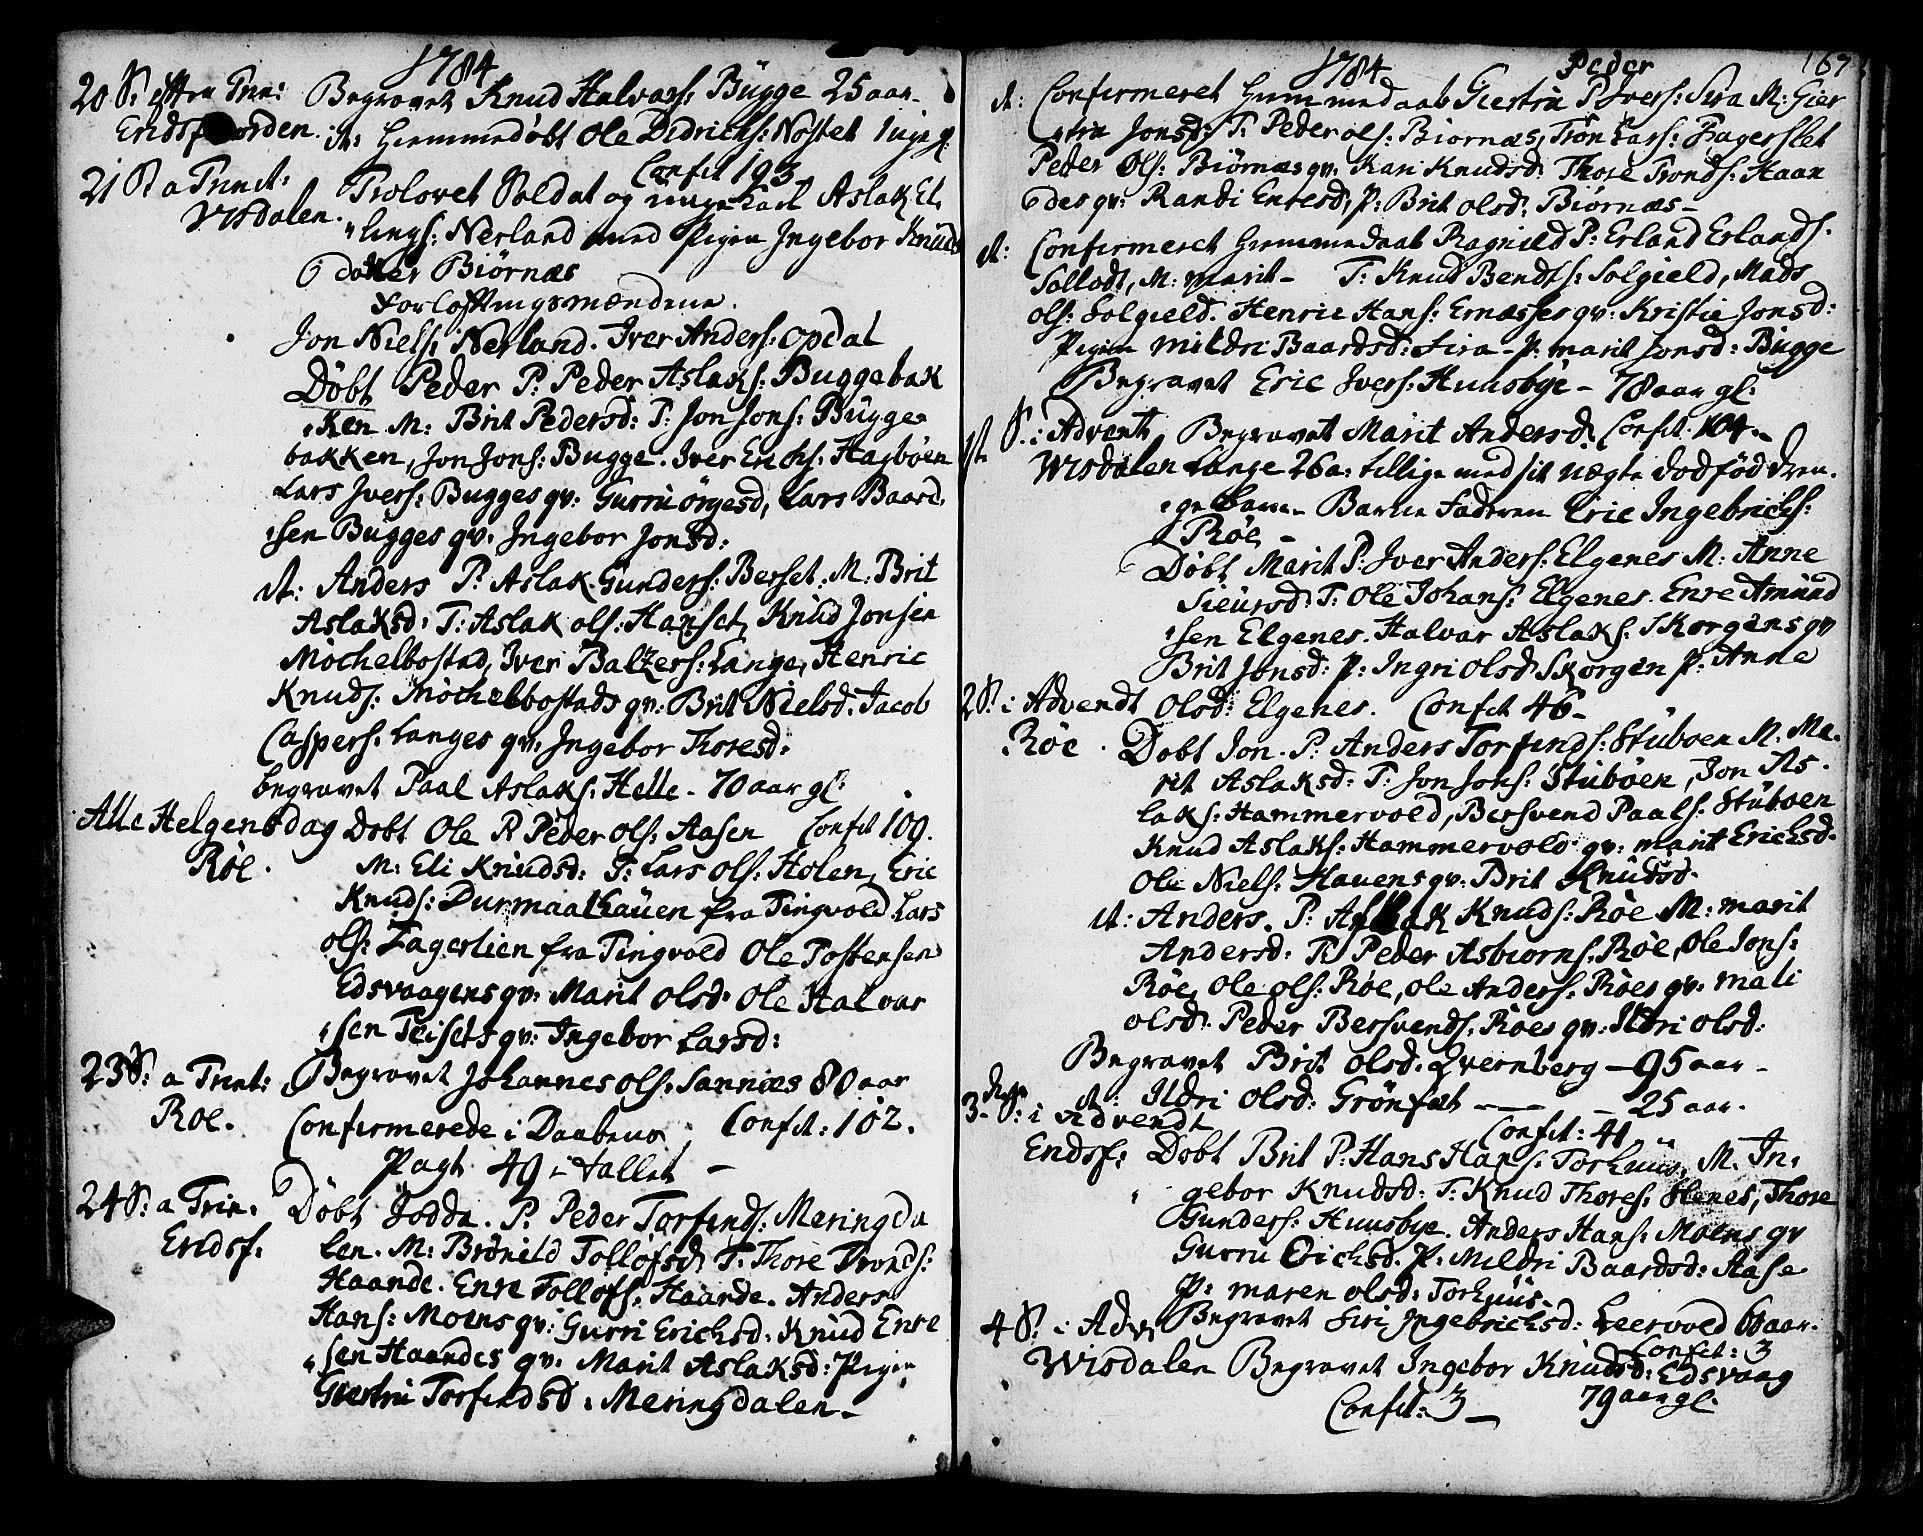 SAT, Ministerialprotokoller, klokkerbøker og fødselsregistre - Møre og Romsdal, 551/L0621: Ministerialbok nr. 551A01, 1757-1803, s. 167